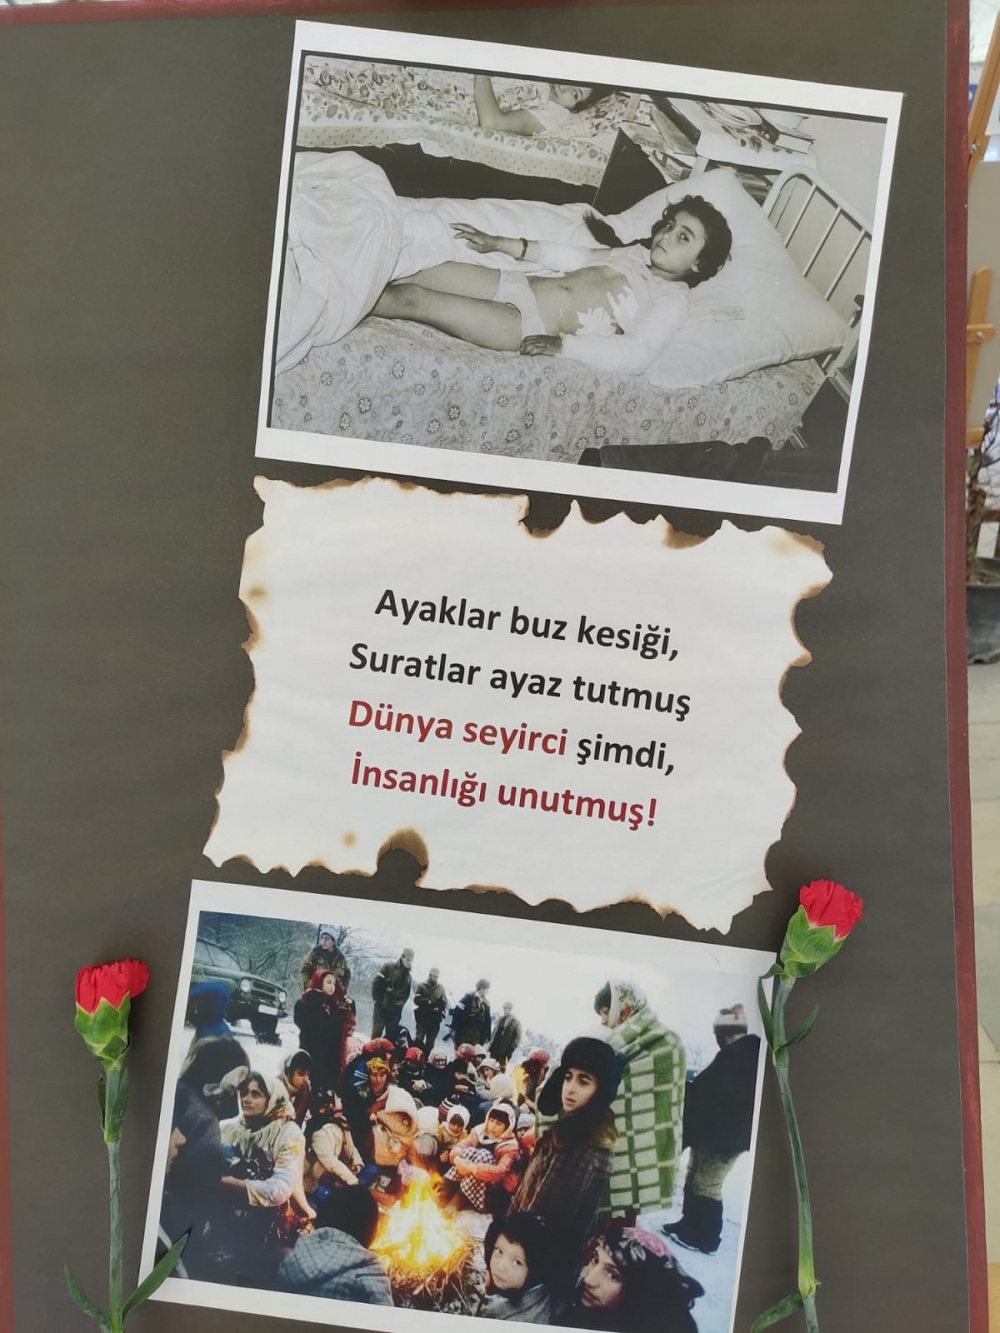 HOCALI Soykırımı, Dünya Kör, Dünya Sağır ve Katiller Kadar Suçlu 4